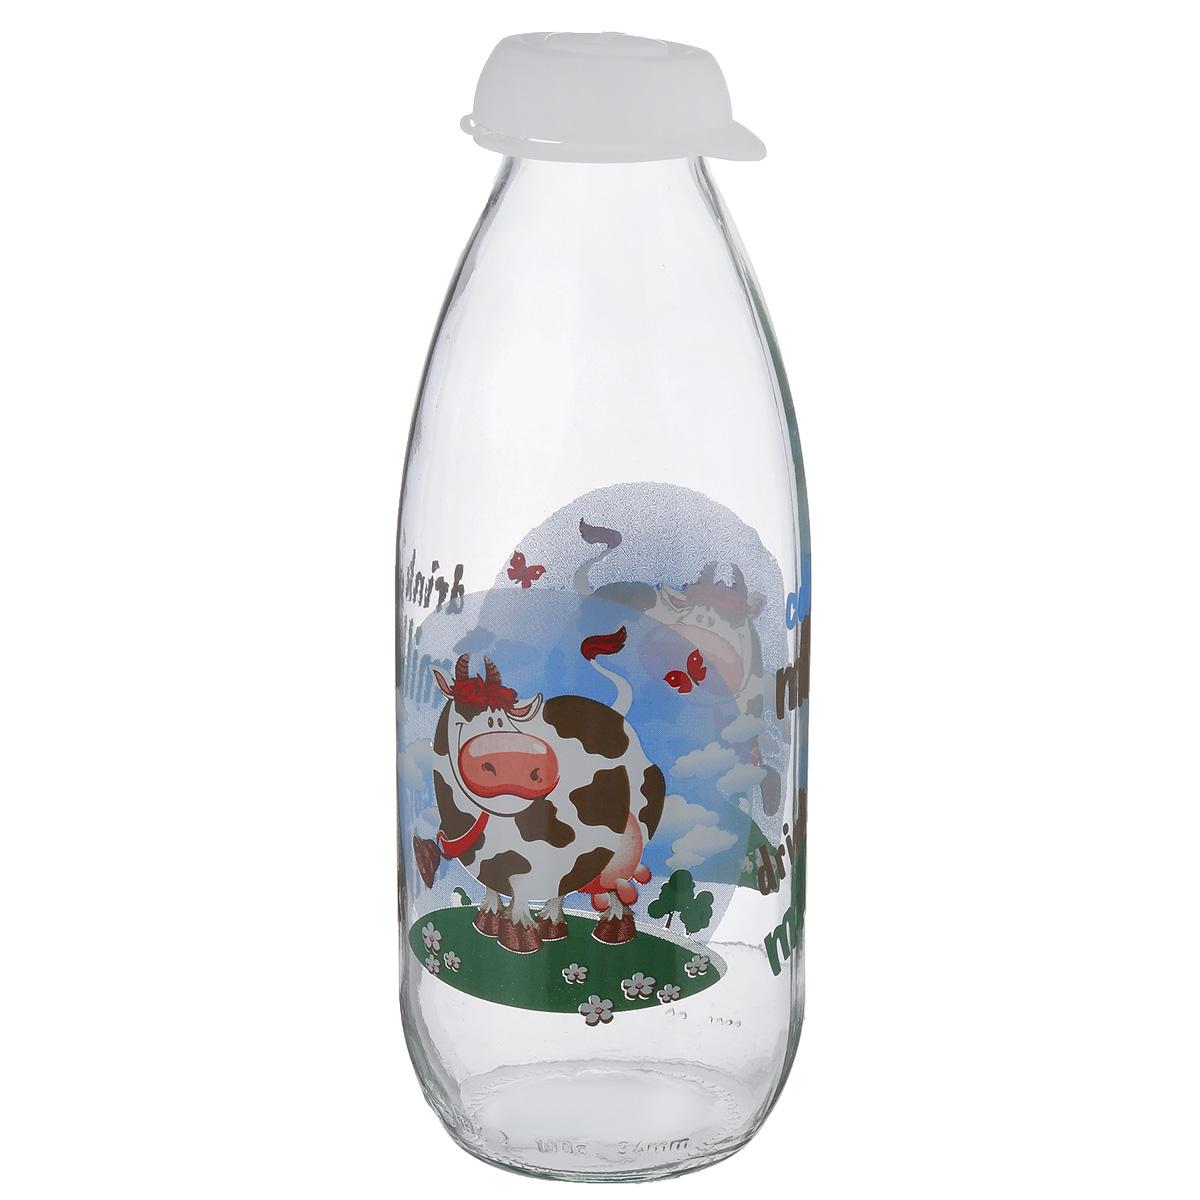 Бутылка для молока Herevin, цвет: прозрачный, белый, 1 л. 111708-000111708-000Бутылка Herevin, выполненная из стекла, позволит украсить любую кухню, внеся разнообразие, как в строгий классический стиль, так и в современный кухонный интерьер. Она легка в использовании и оснащена пластиковой откидной крышкой. Благодаря этому внутри сохраняется герметичность, и молоко дольше остается свежим. Стенки бутылки украшены изображением забавной коровы. Оригинальная бутылка для молока будет отлично смотреться на вашей кухне. Диаметр (по верхнему краю): 4 см. Диаметр основания: 7 см. Высота: 23 см.